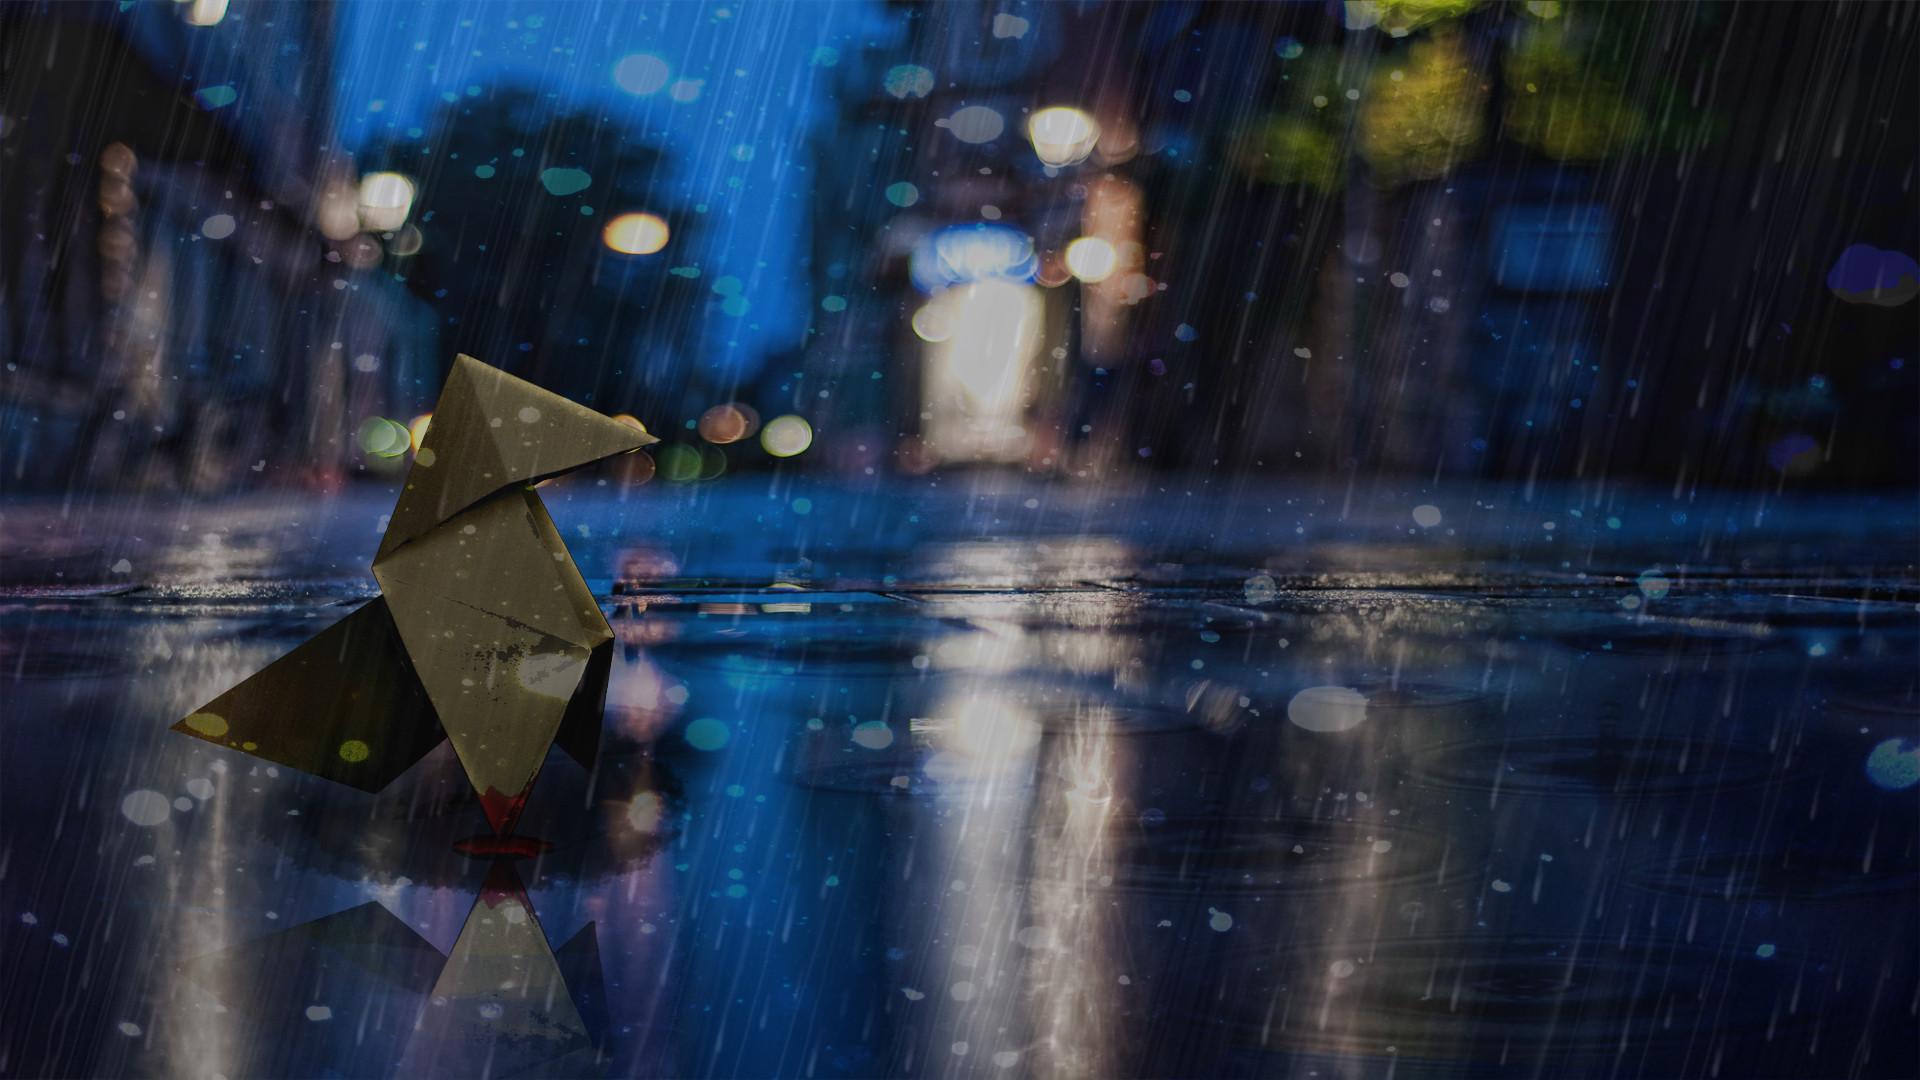 Rain Desktop Backgrounds – Wallpaper, High Definition, High Quality .